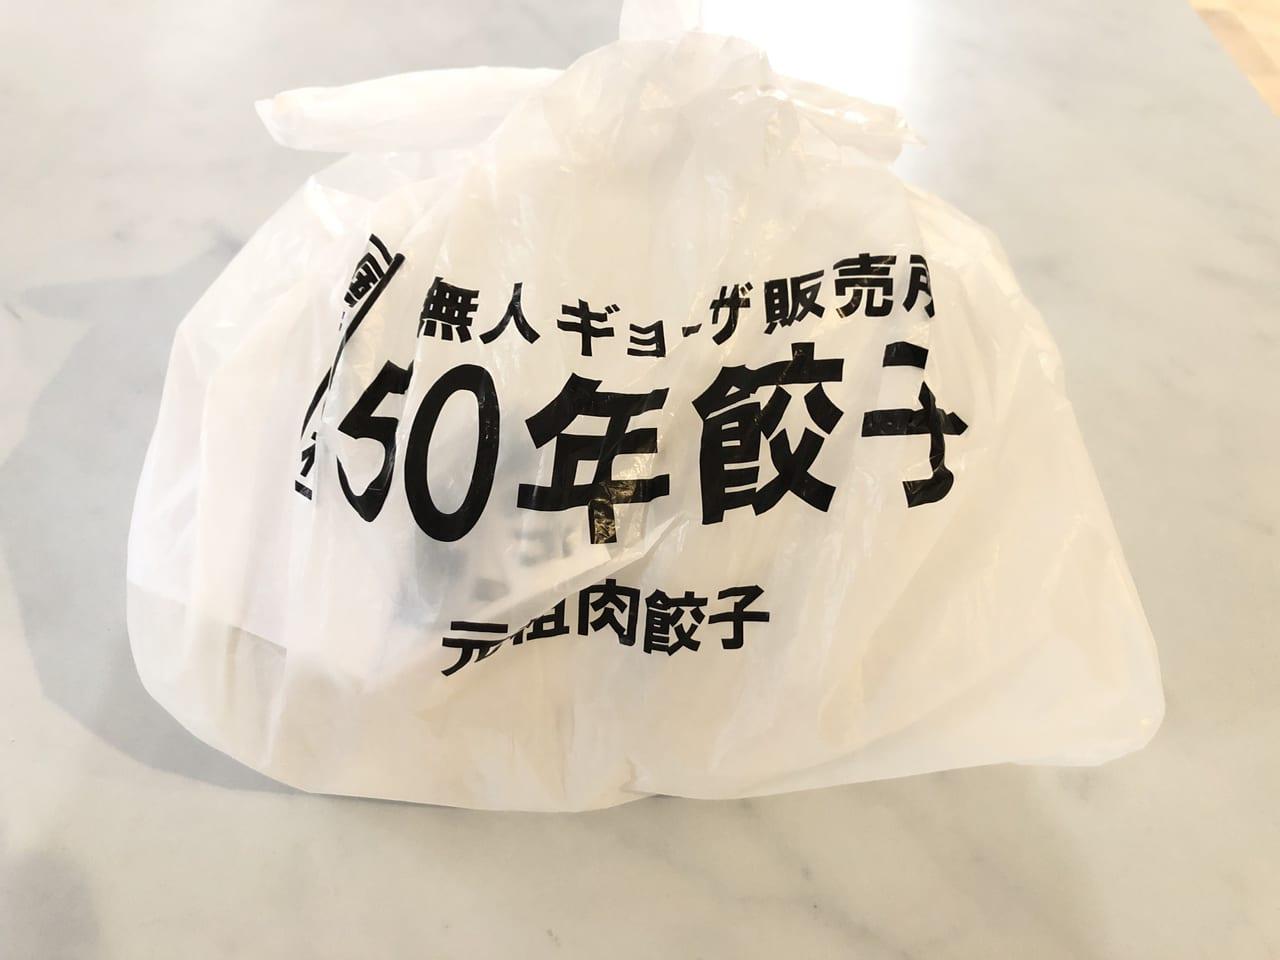 無人ギョーザ販売所「50年餃子」